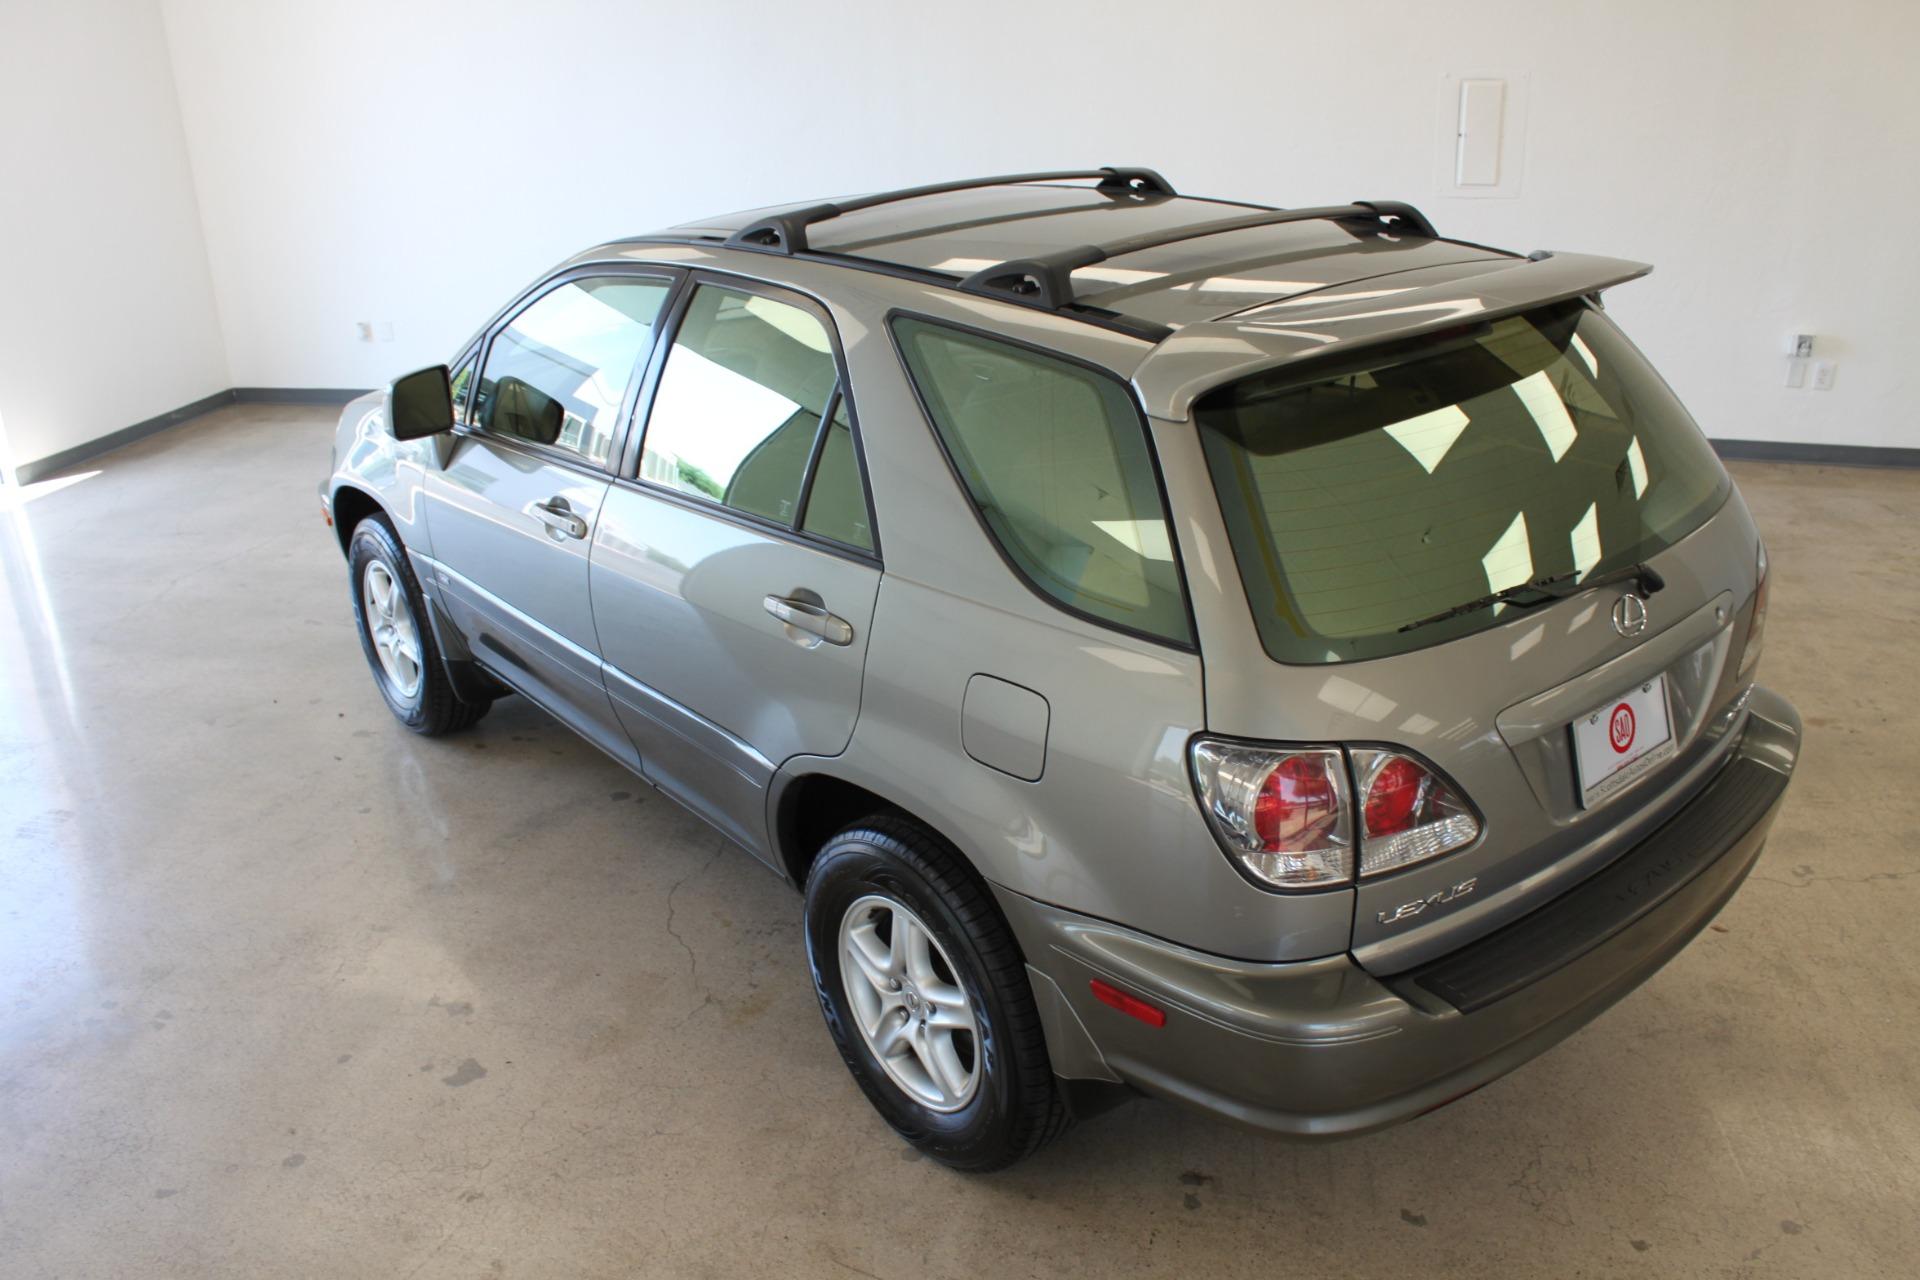 Used-2002-Lexus-RX-300-Camaro